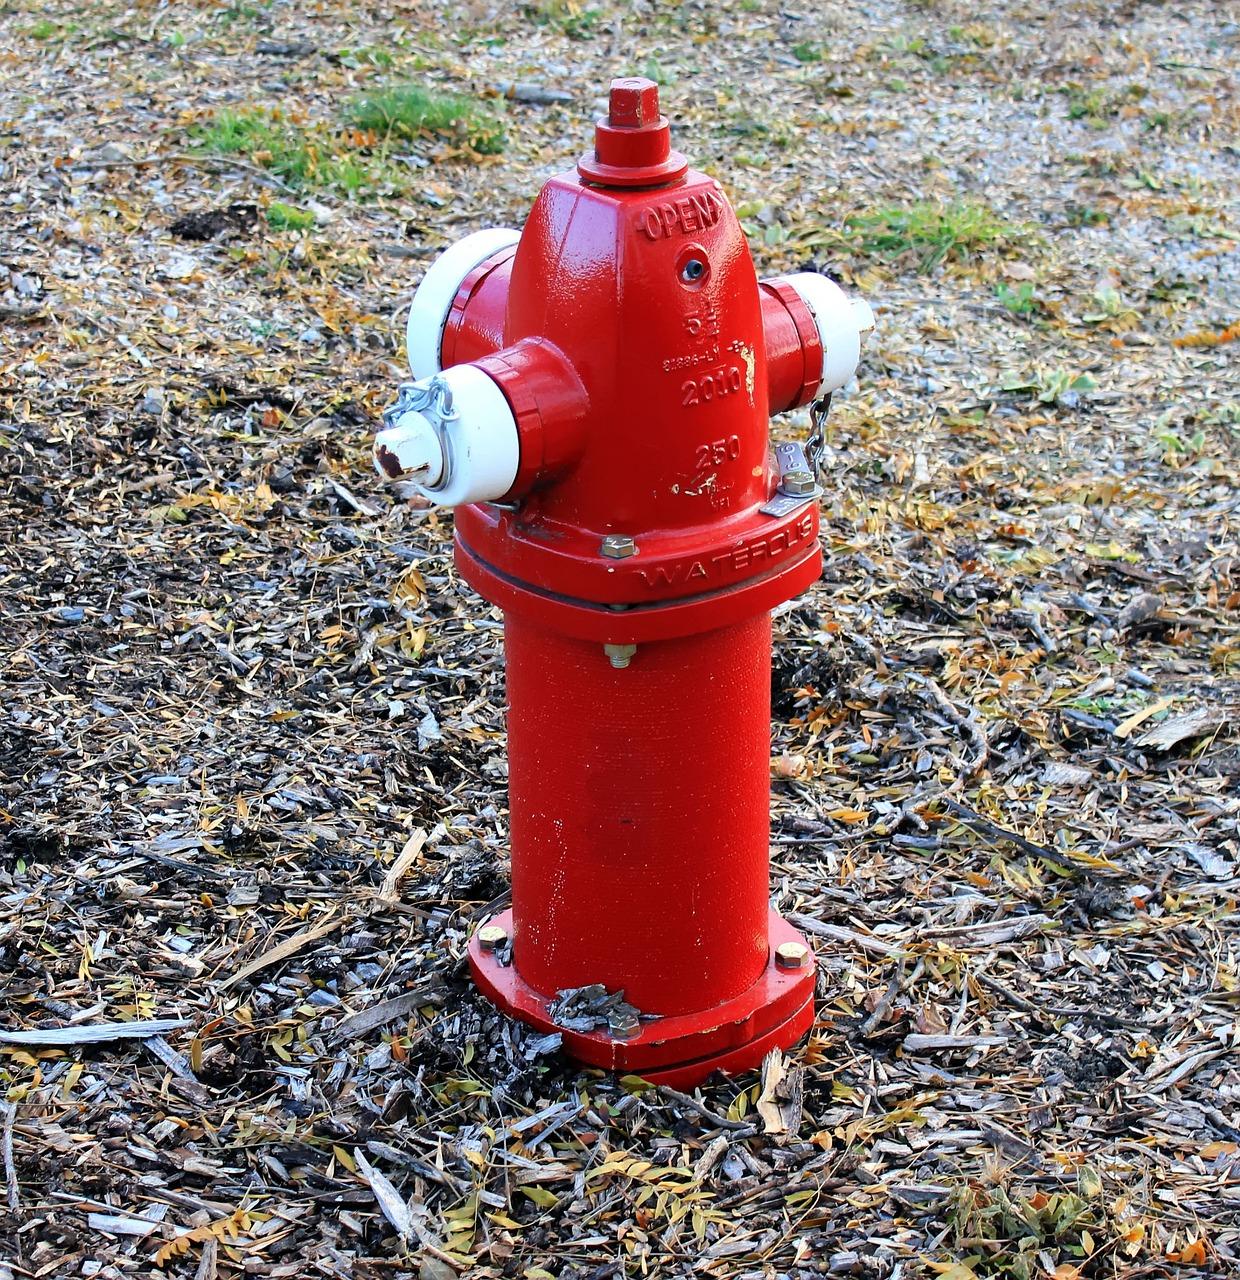 качестве что такое пожарный гидрант фото баят переводится